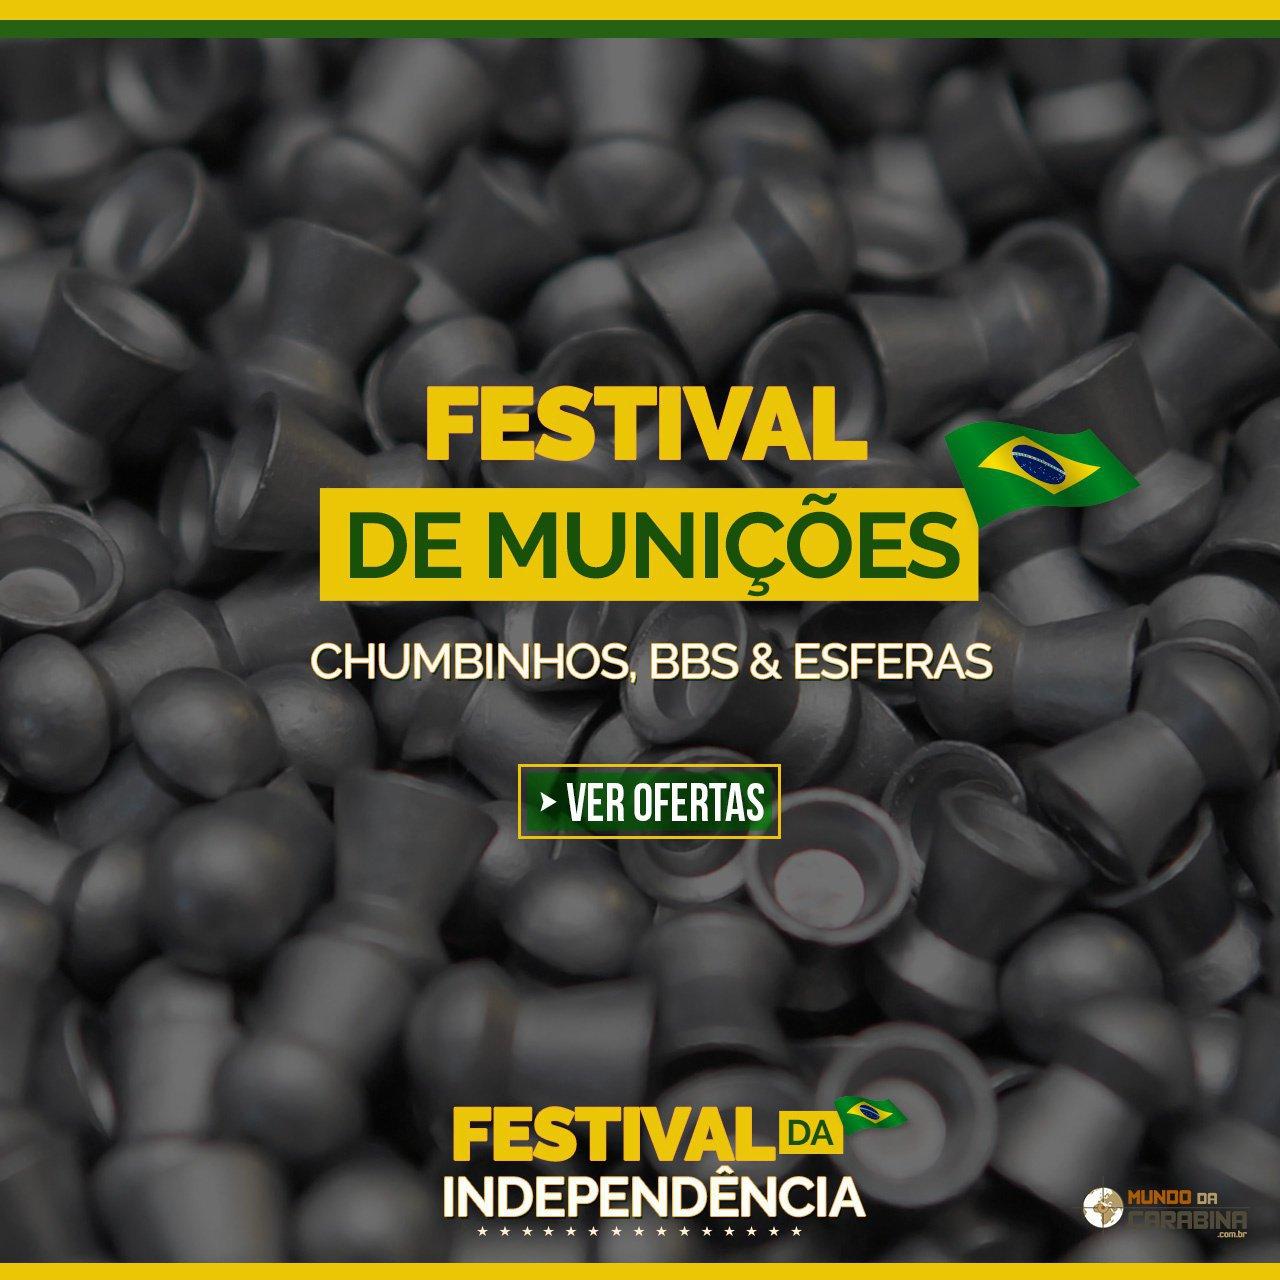 FESTIVAL DE MUNIÇÕES  - CHUMBINHOS, BBS & ESFERAS